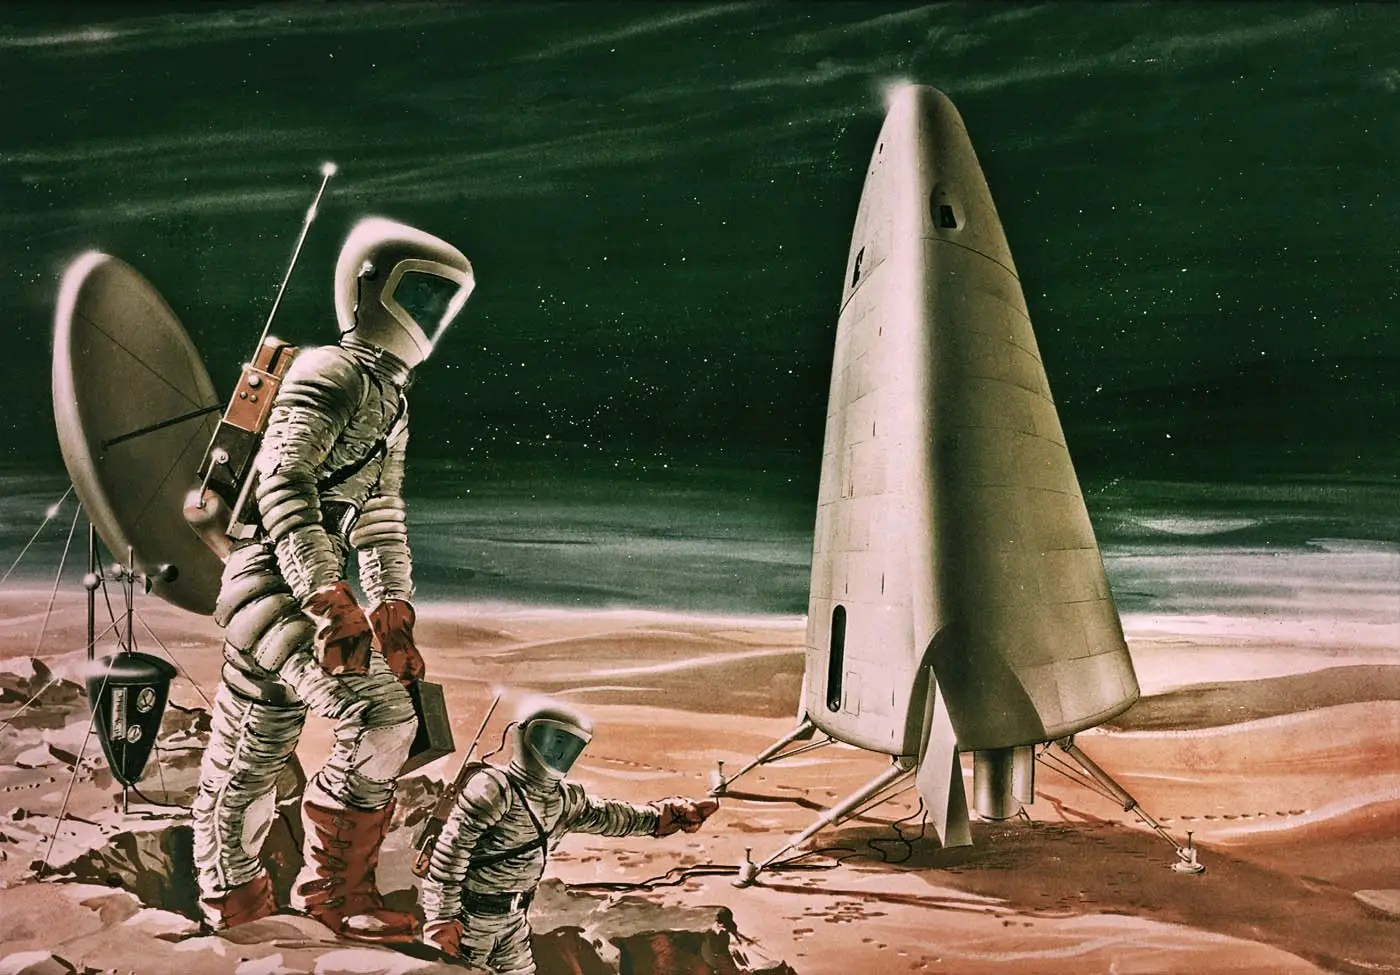 Mars Excursion